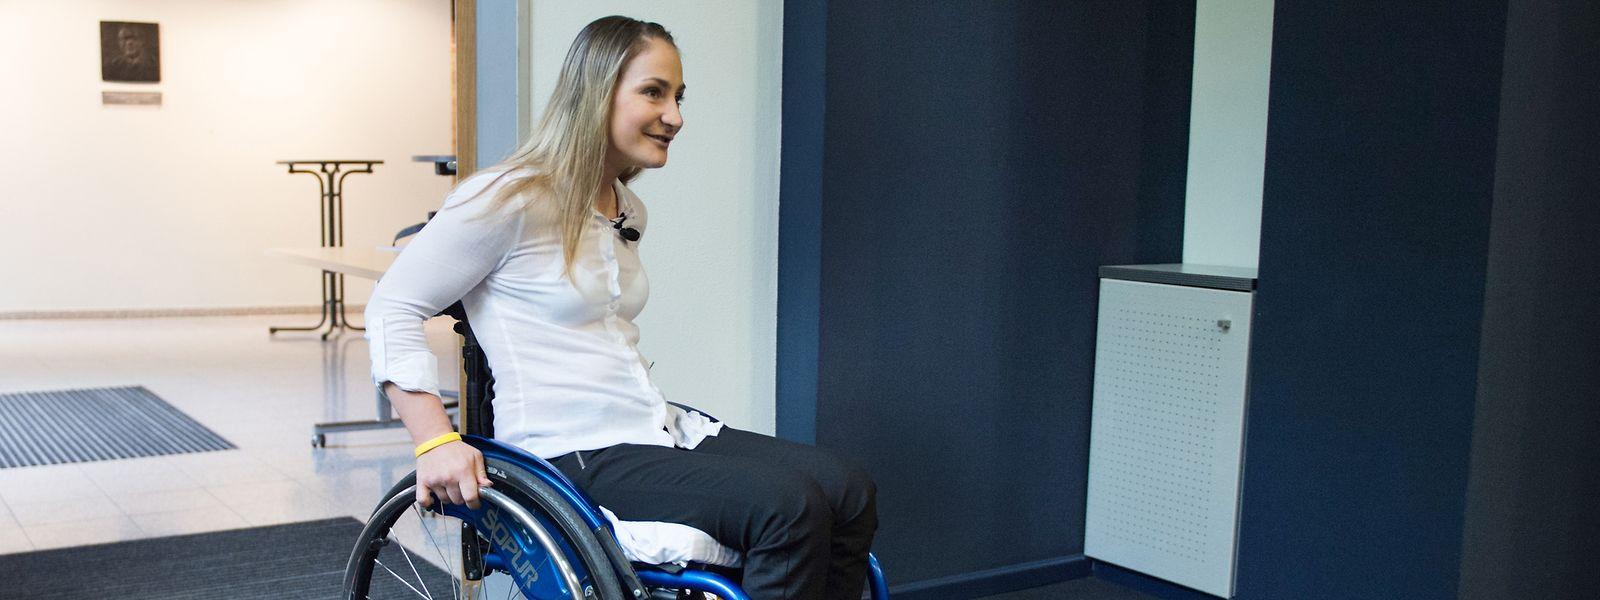 Kristina Vogel ist nach einem schweren Trainingsunfall querschnittsgelähmt.